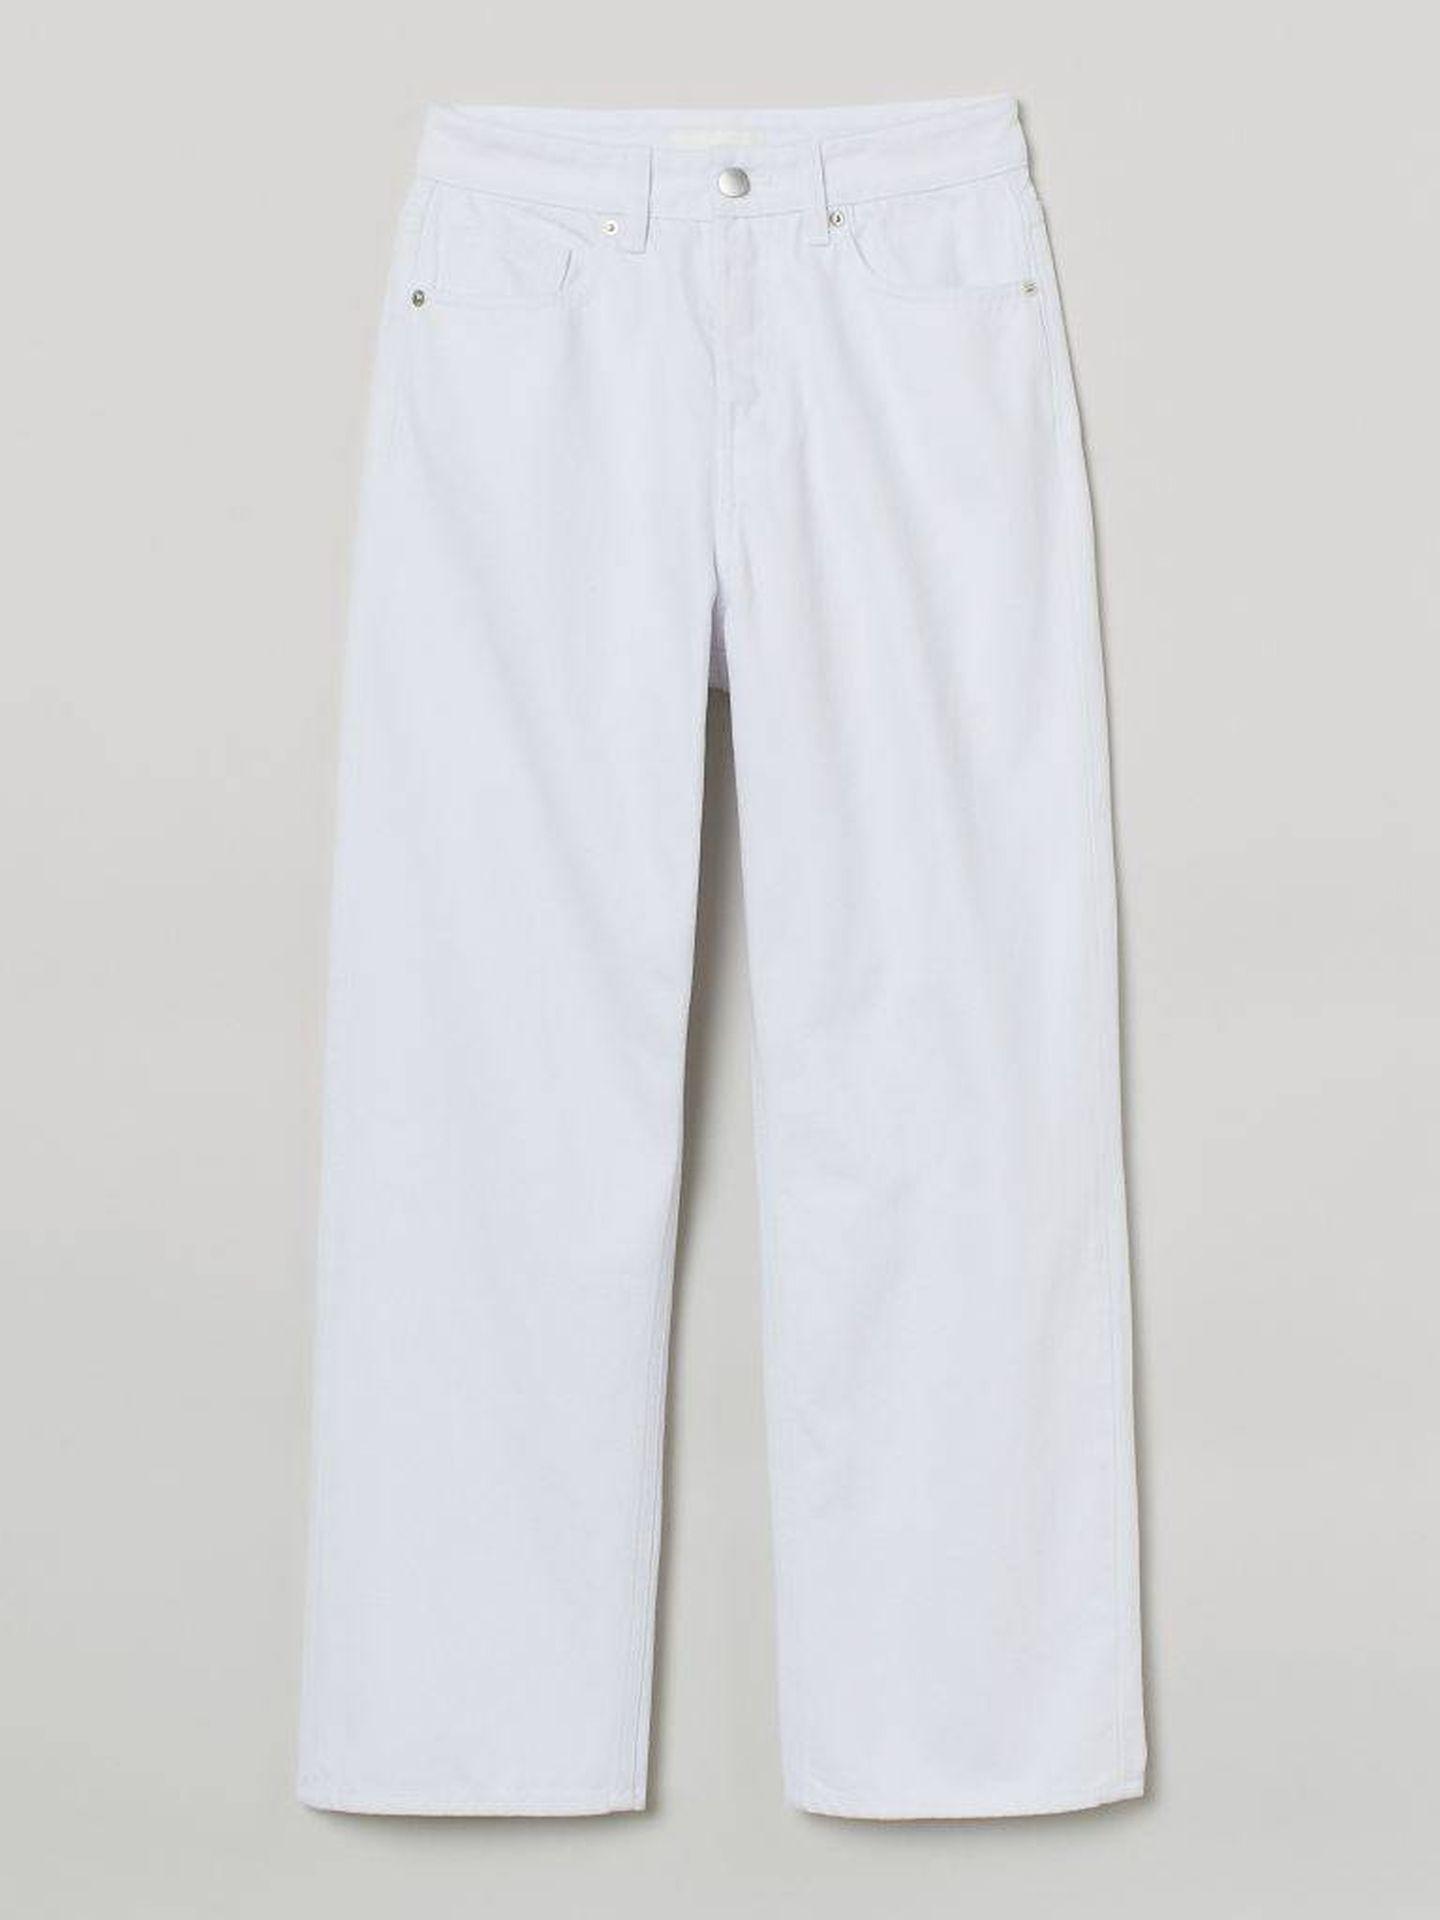 Los nuevos jeans blancos de HyM. (Cortesía)